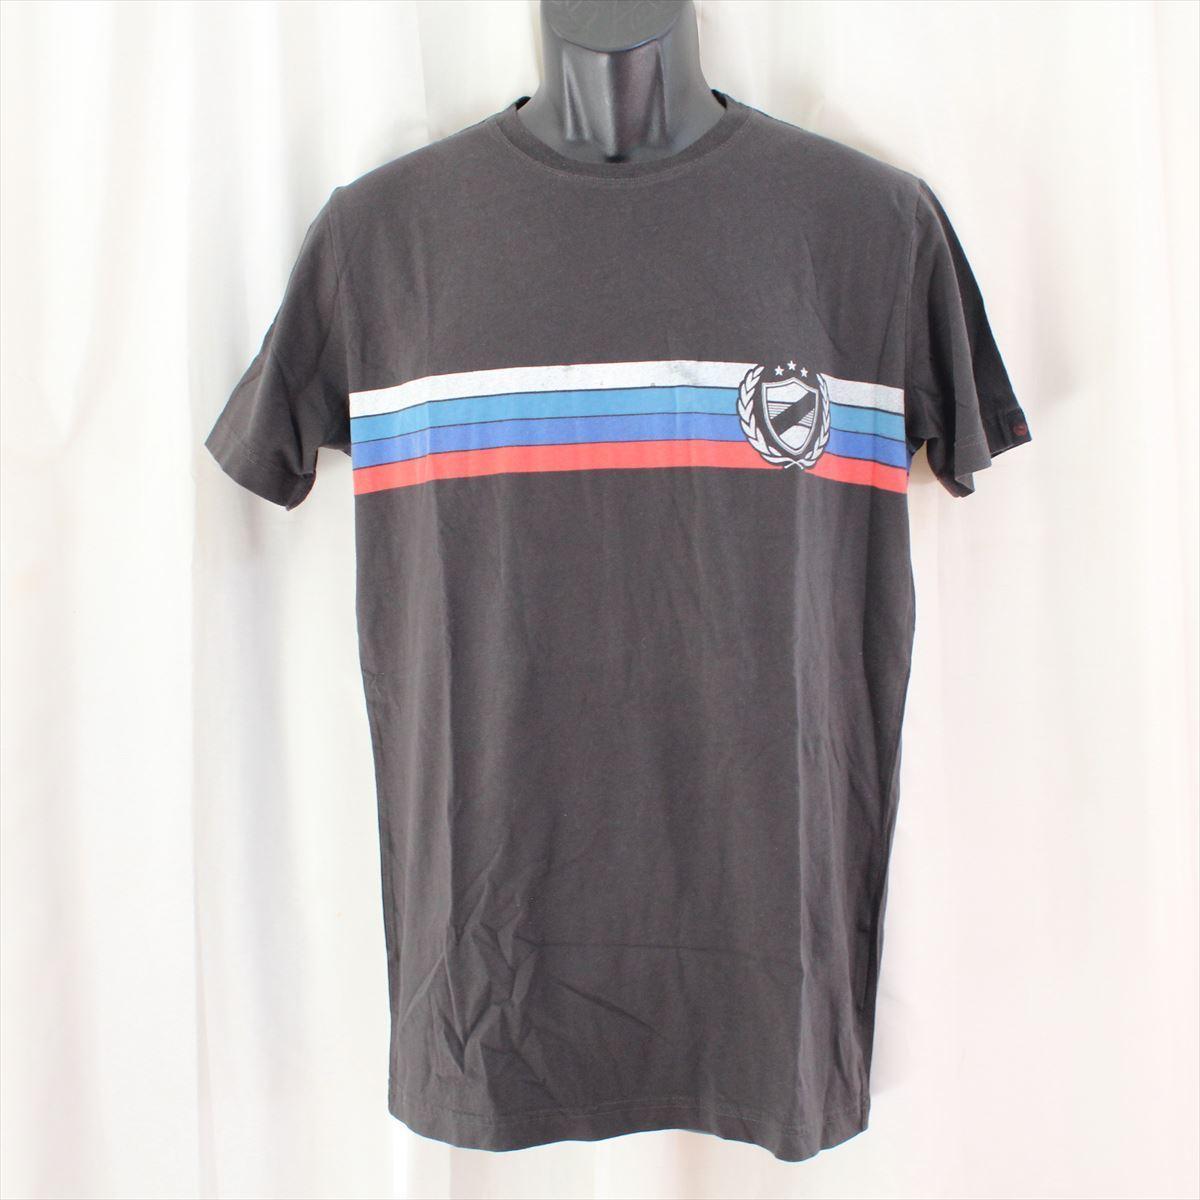 ゼインローブ ZANEROBE メンズ半袖Tシャツ ブラック Mサイズ 新品_画像1